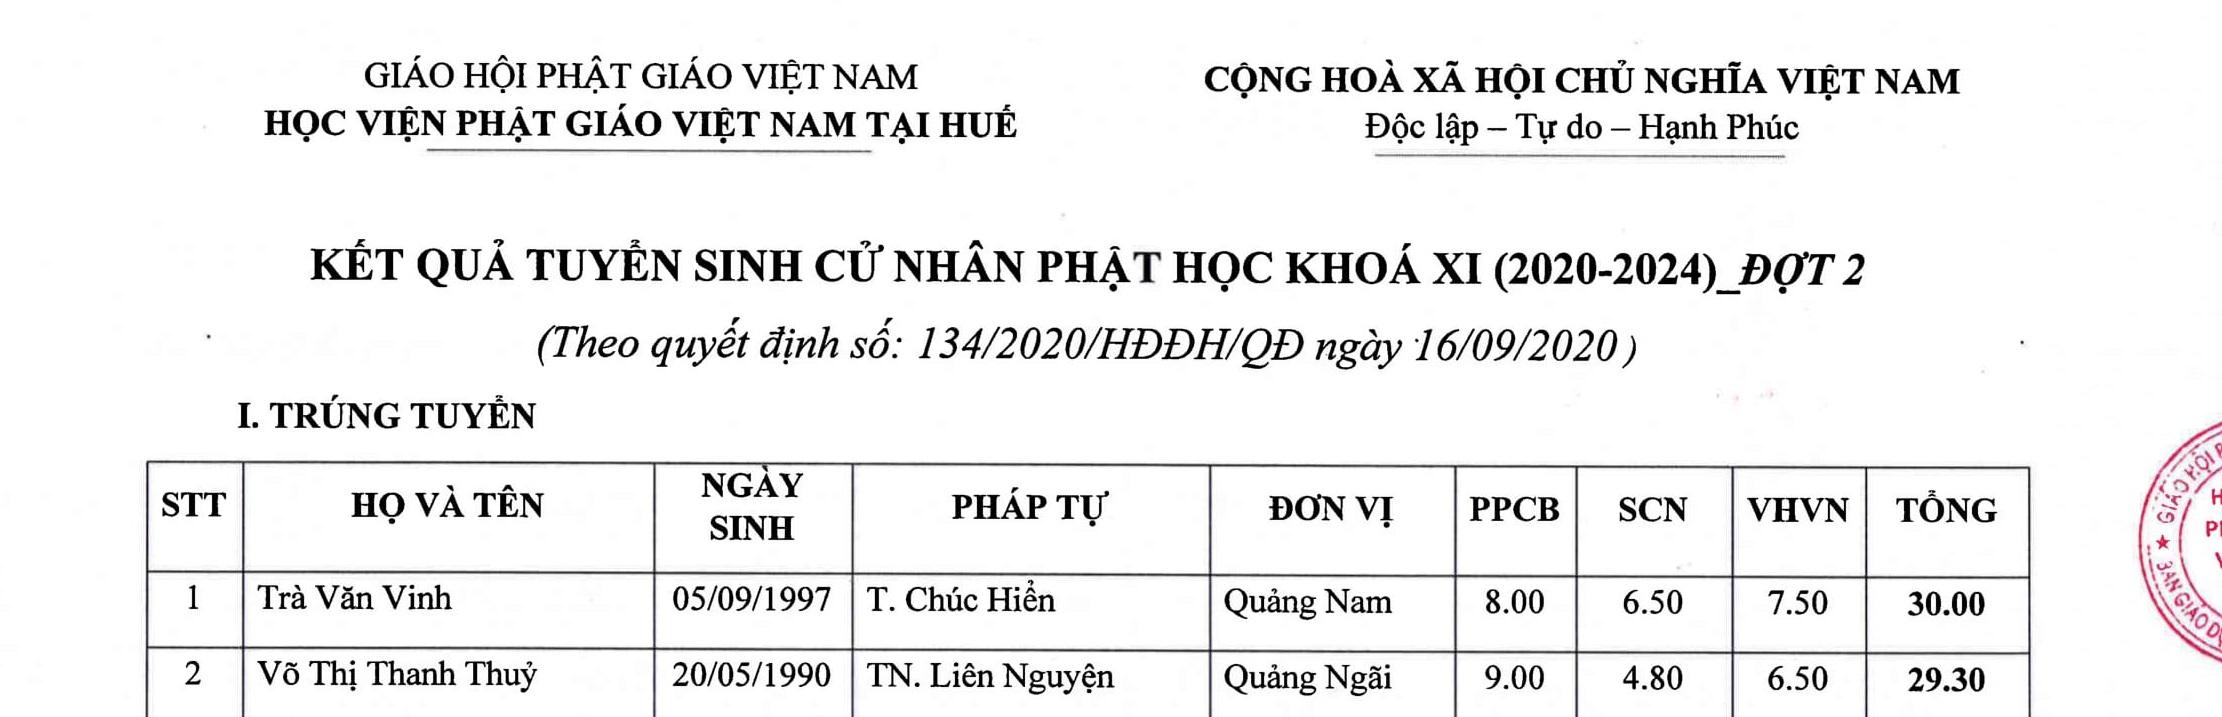 Kết quả tuyển sinh Cử nhân Phật học khóa XI (2020-2024) – đợt 2